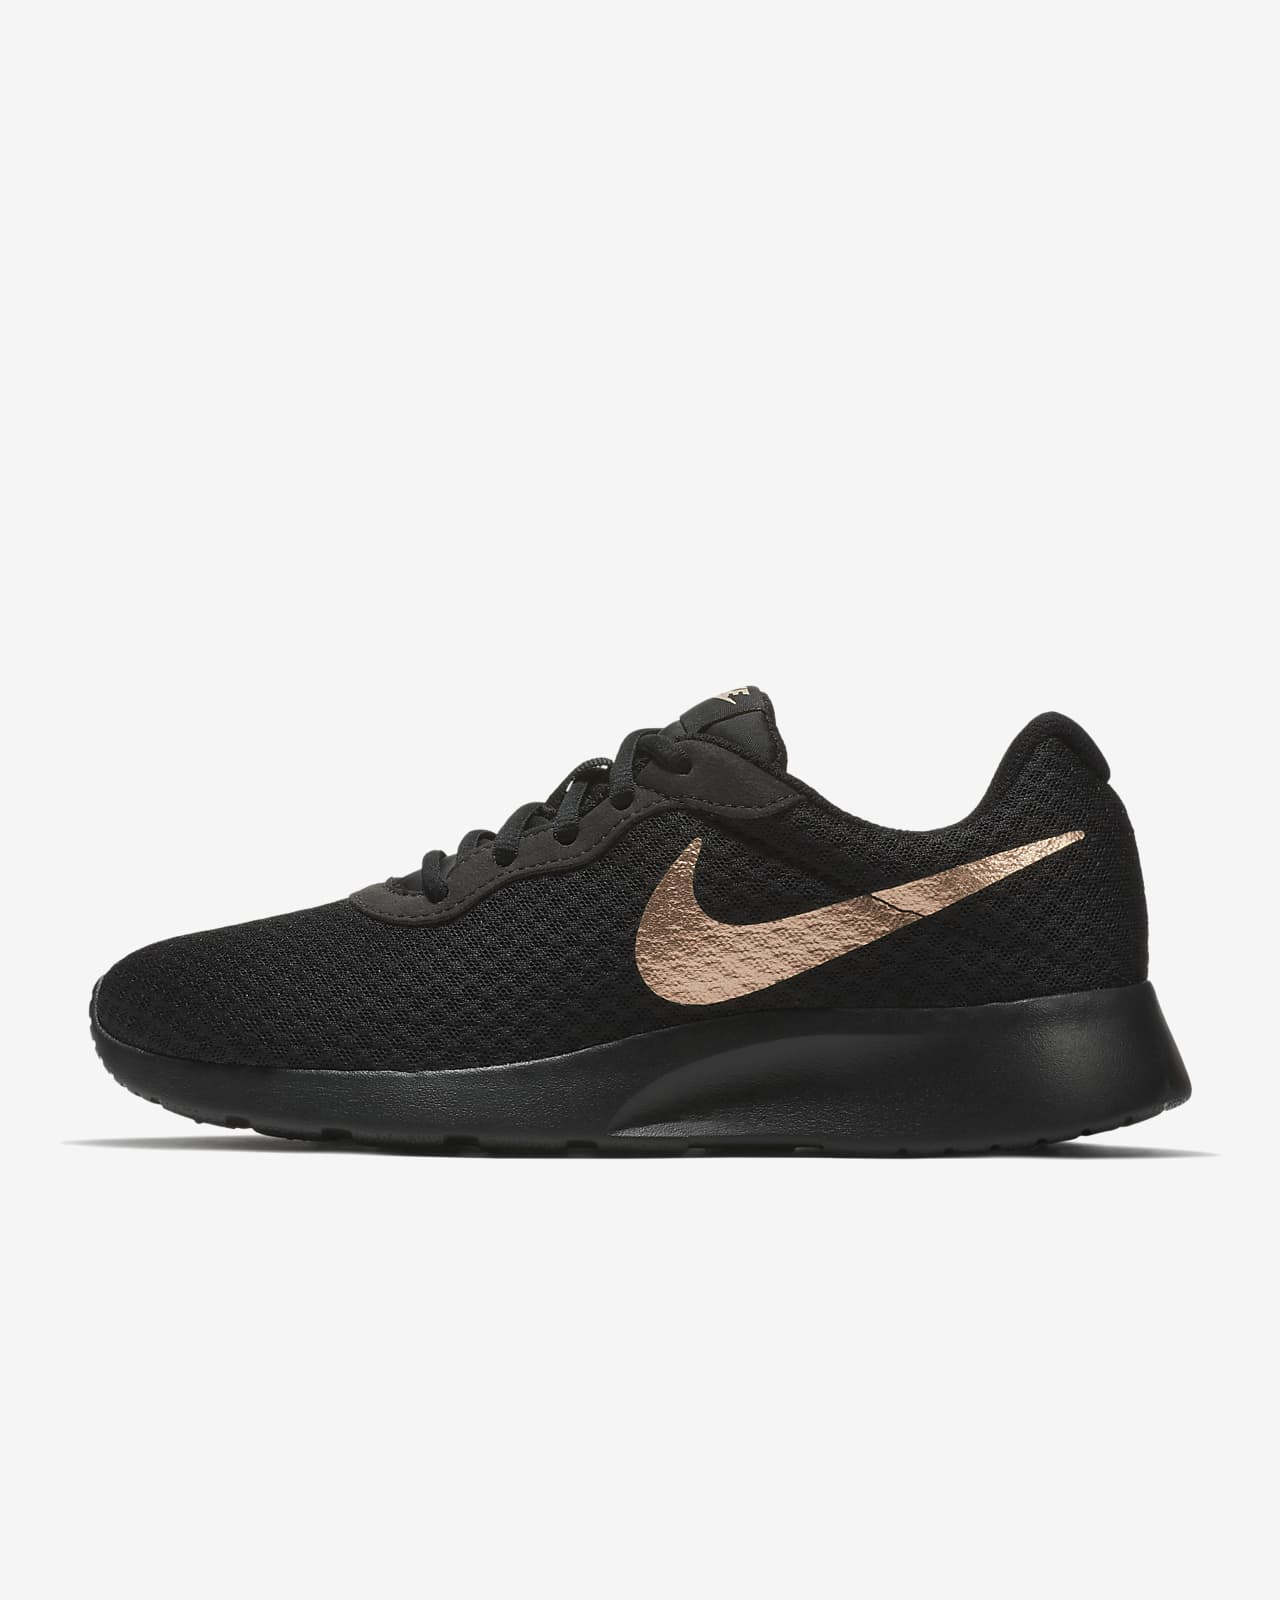 Womens Nike Tanjun sneaker